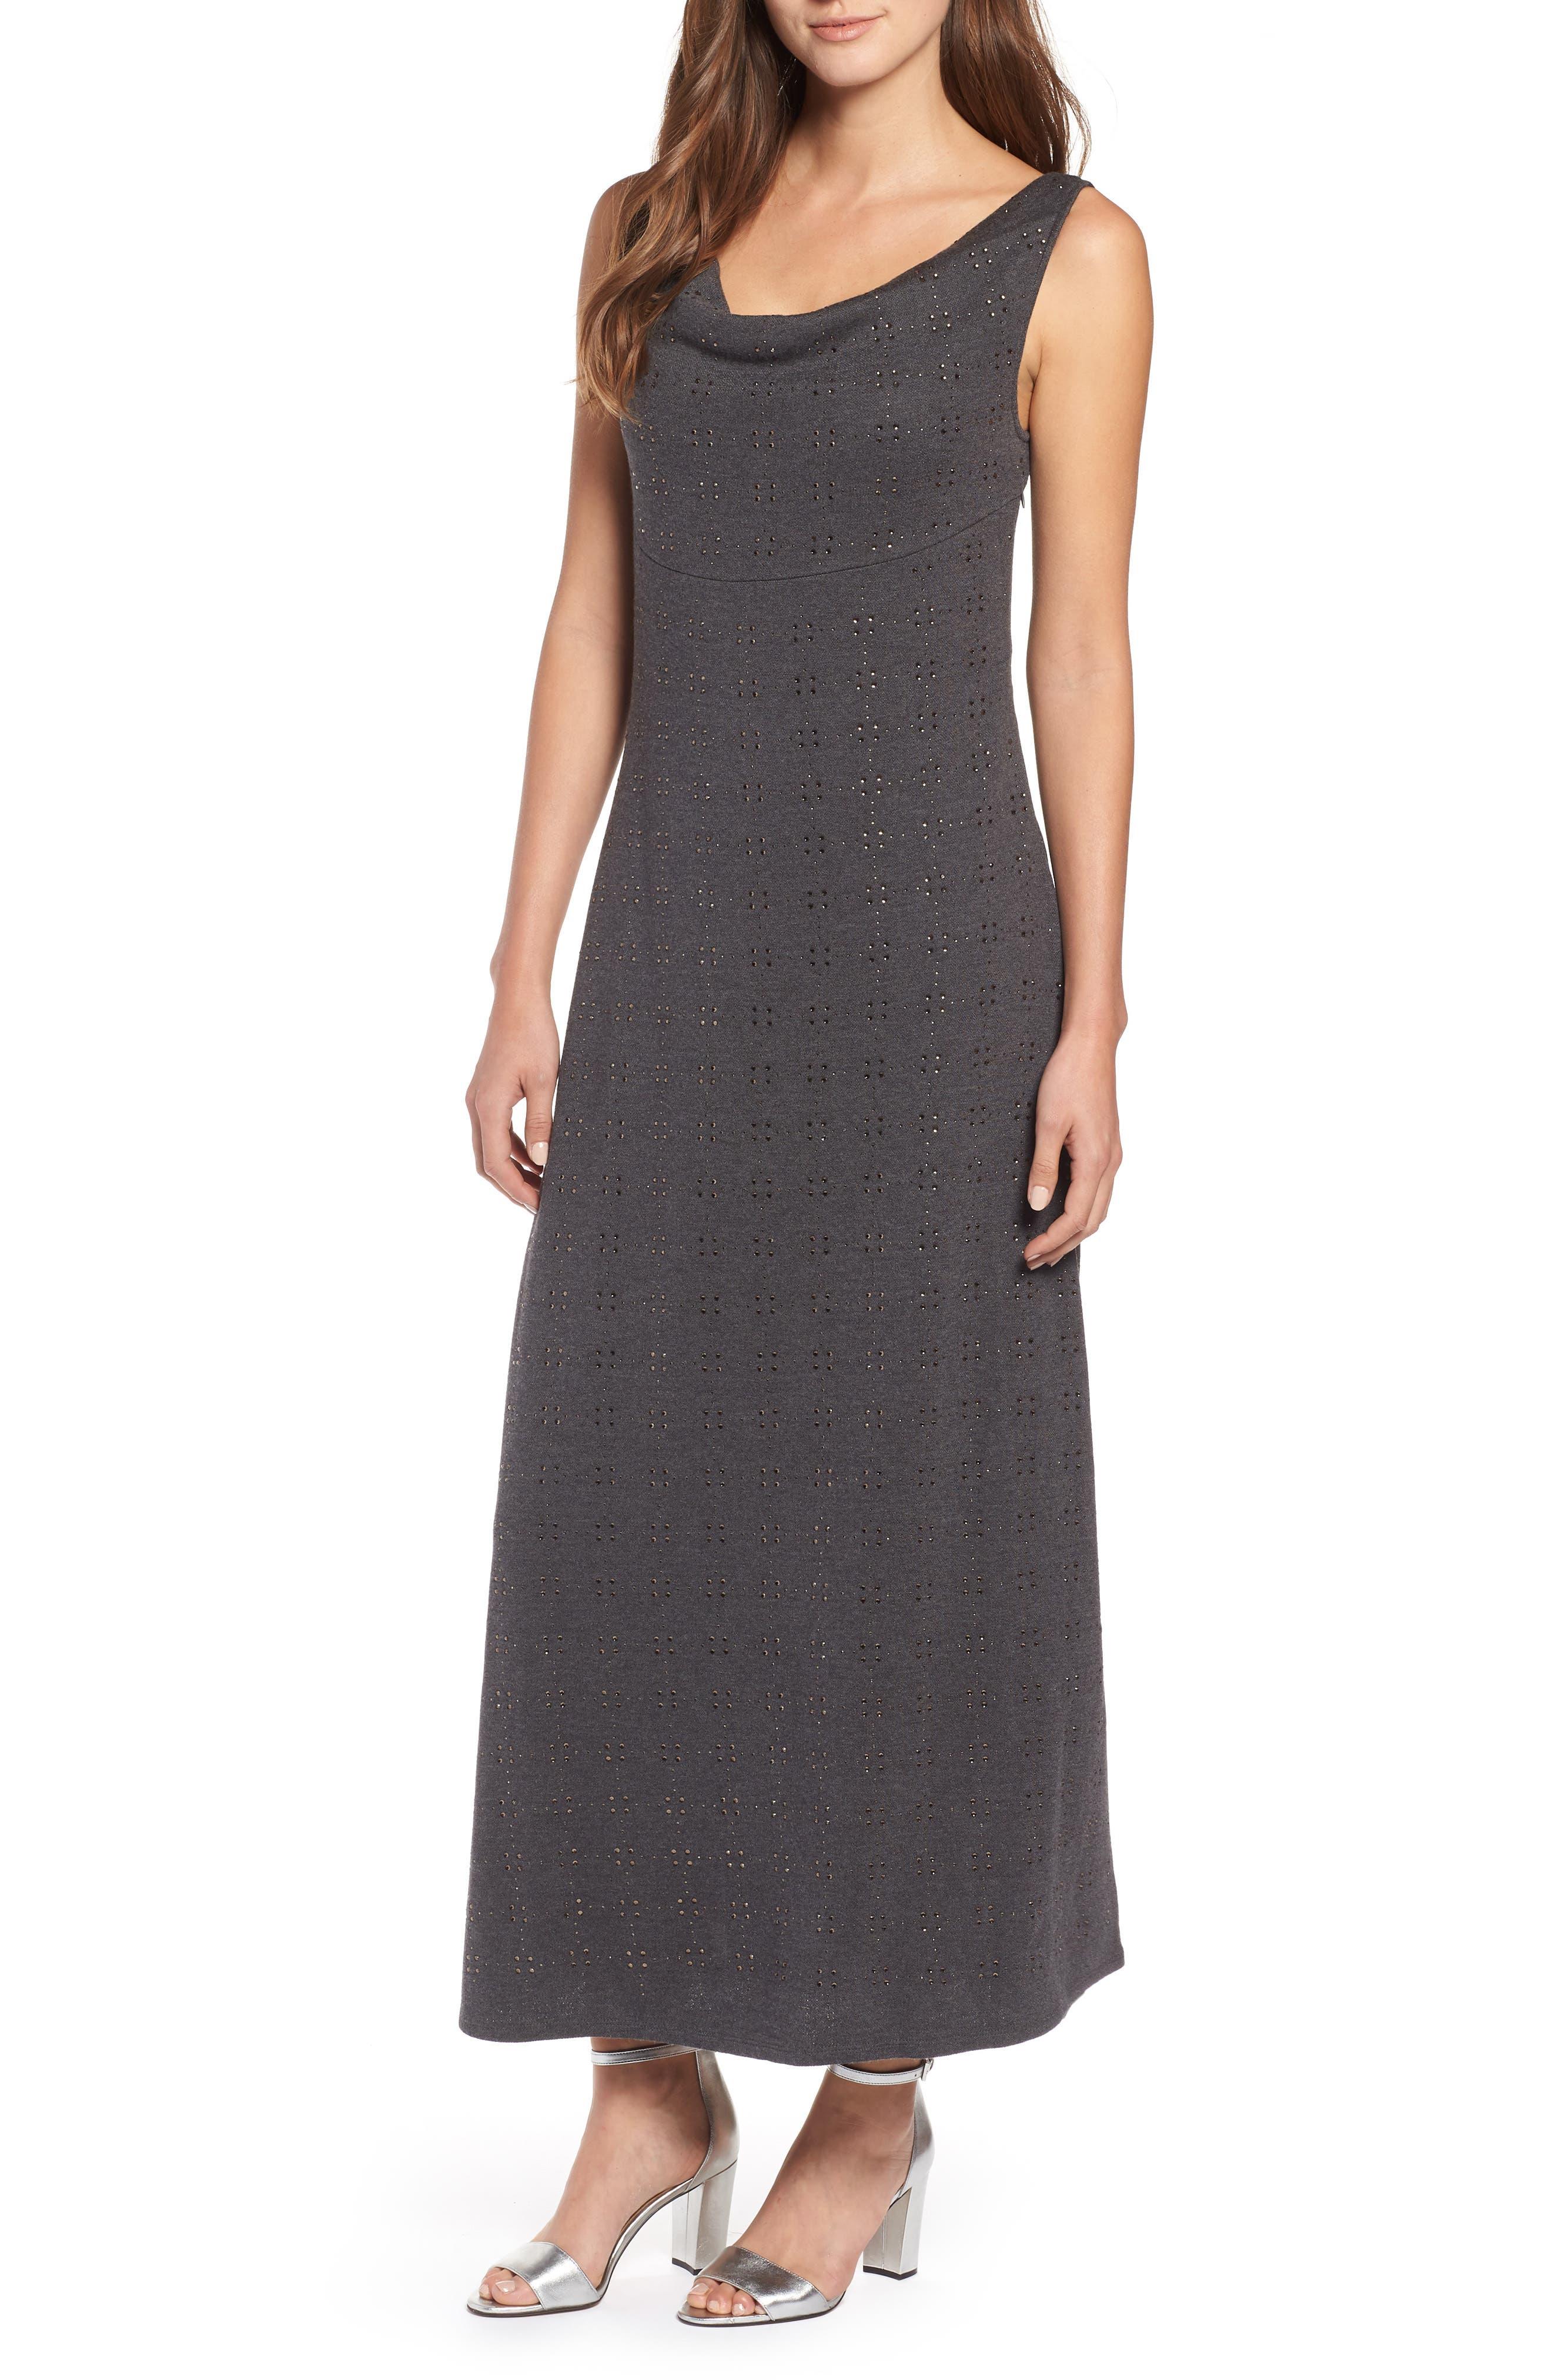 Subtle Shine Dress,                         Main,                         color, Multi